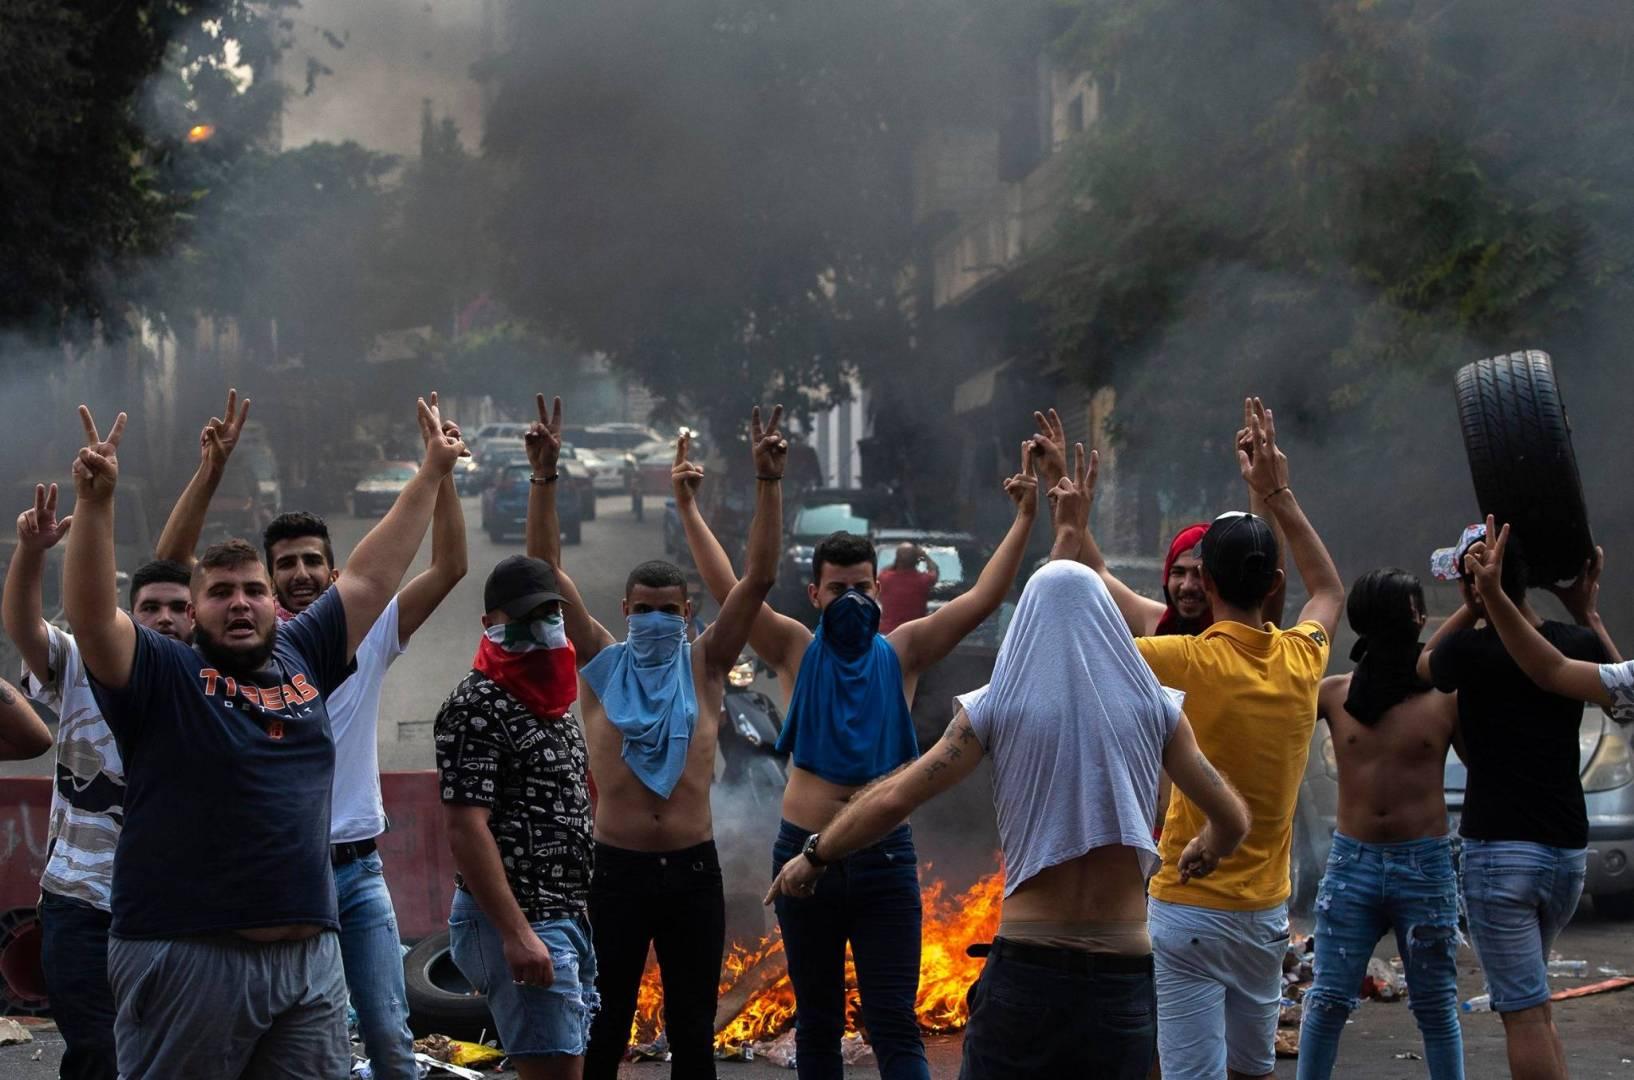 مفوضية حقوق الانسان تعلن حصيلة جديدة لضحايا التظاهرات في بغداد والمحافظات